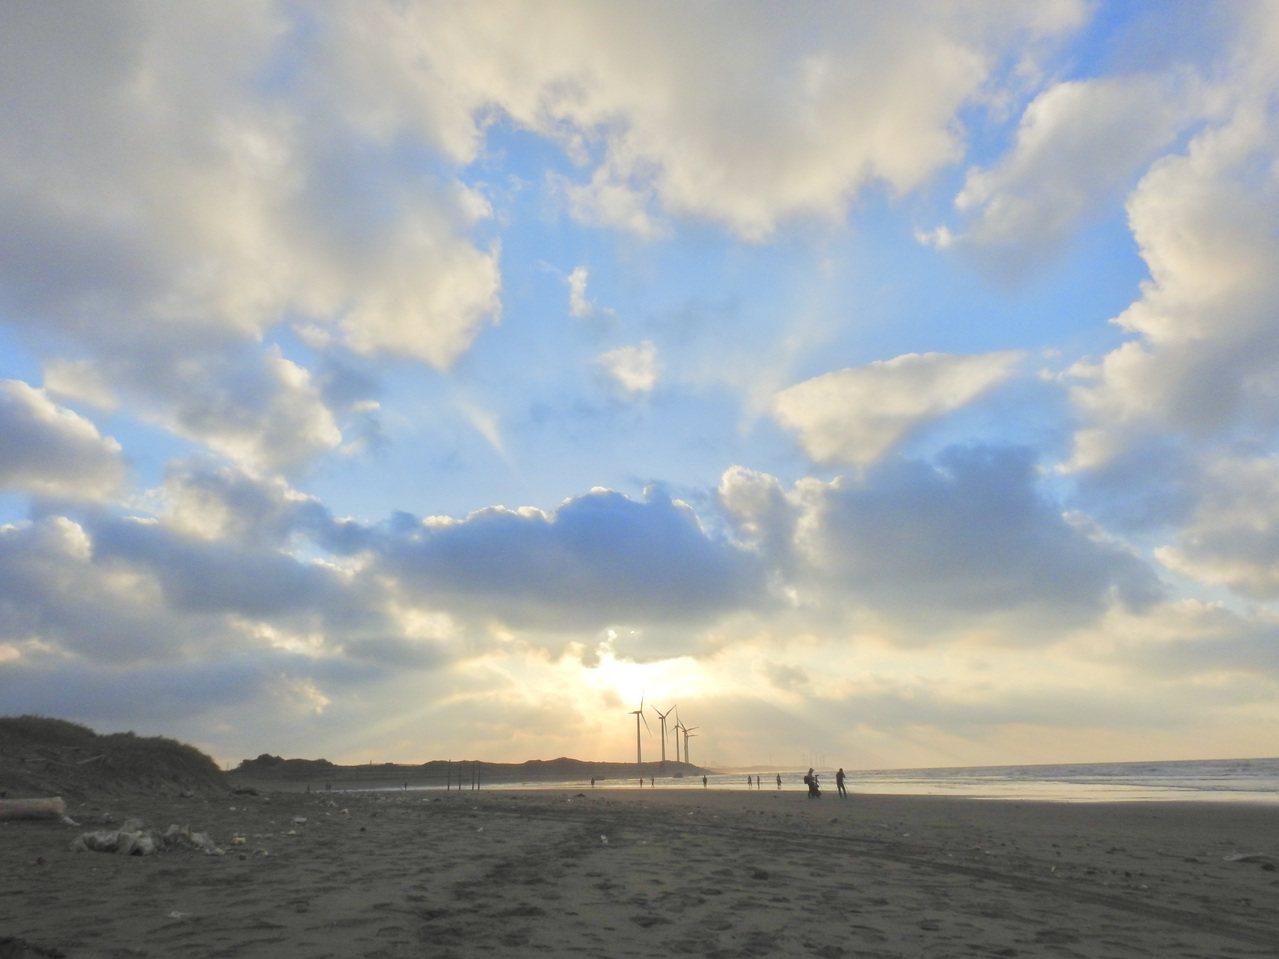 許厝港濕地旁有大片沙灘,秋冬常見鷸鴴科候鳥棲息。 圖/曾健祐 攝影